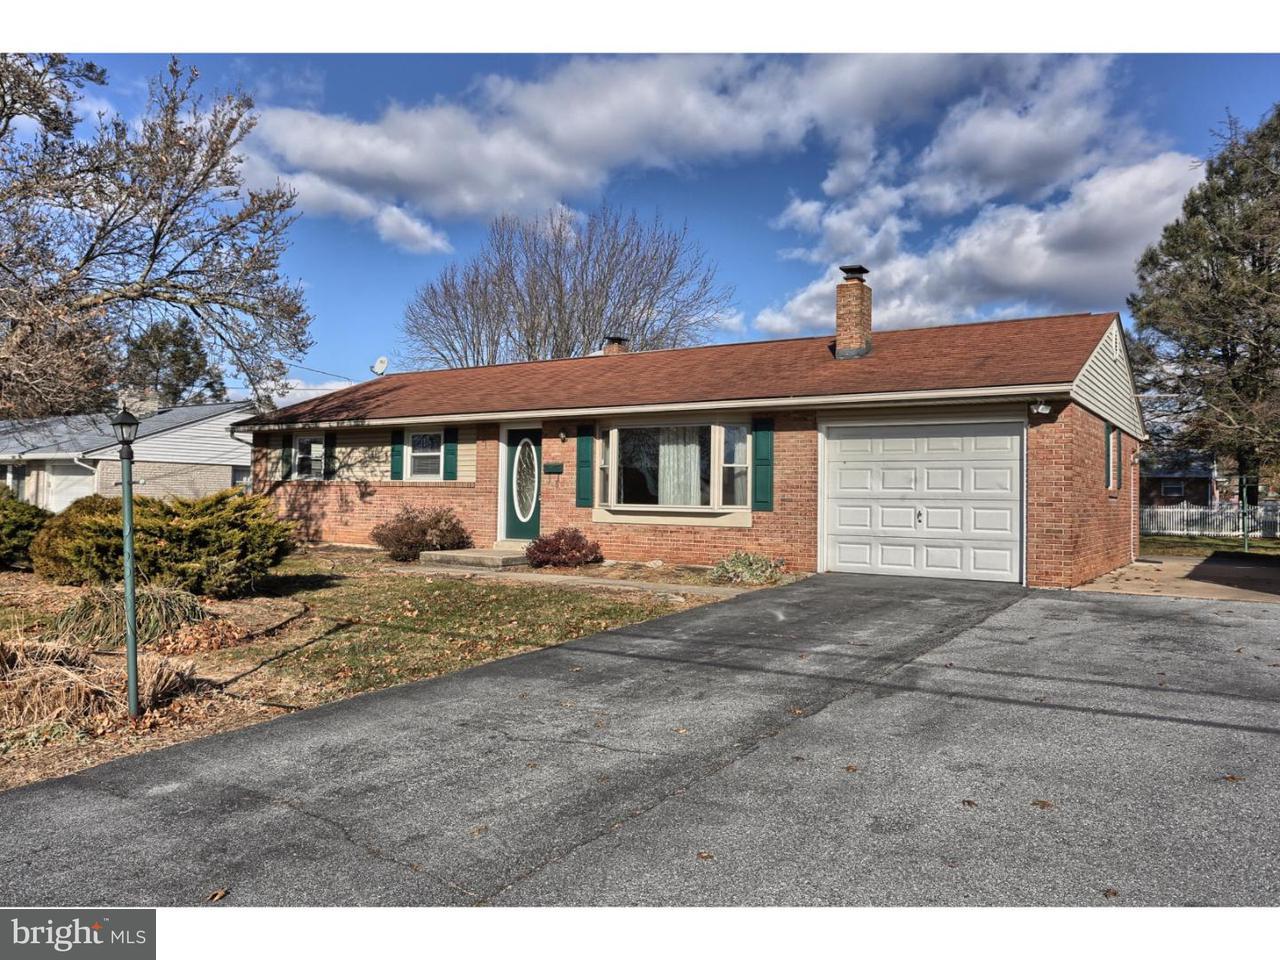 Частный односемейный дом для того Продажа на 988 DAFFODIL Drive Lebanon, Пенсильвания 17042 Соединенные Штаты